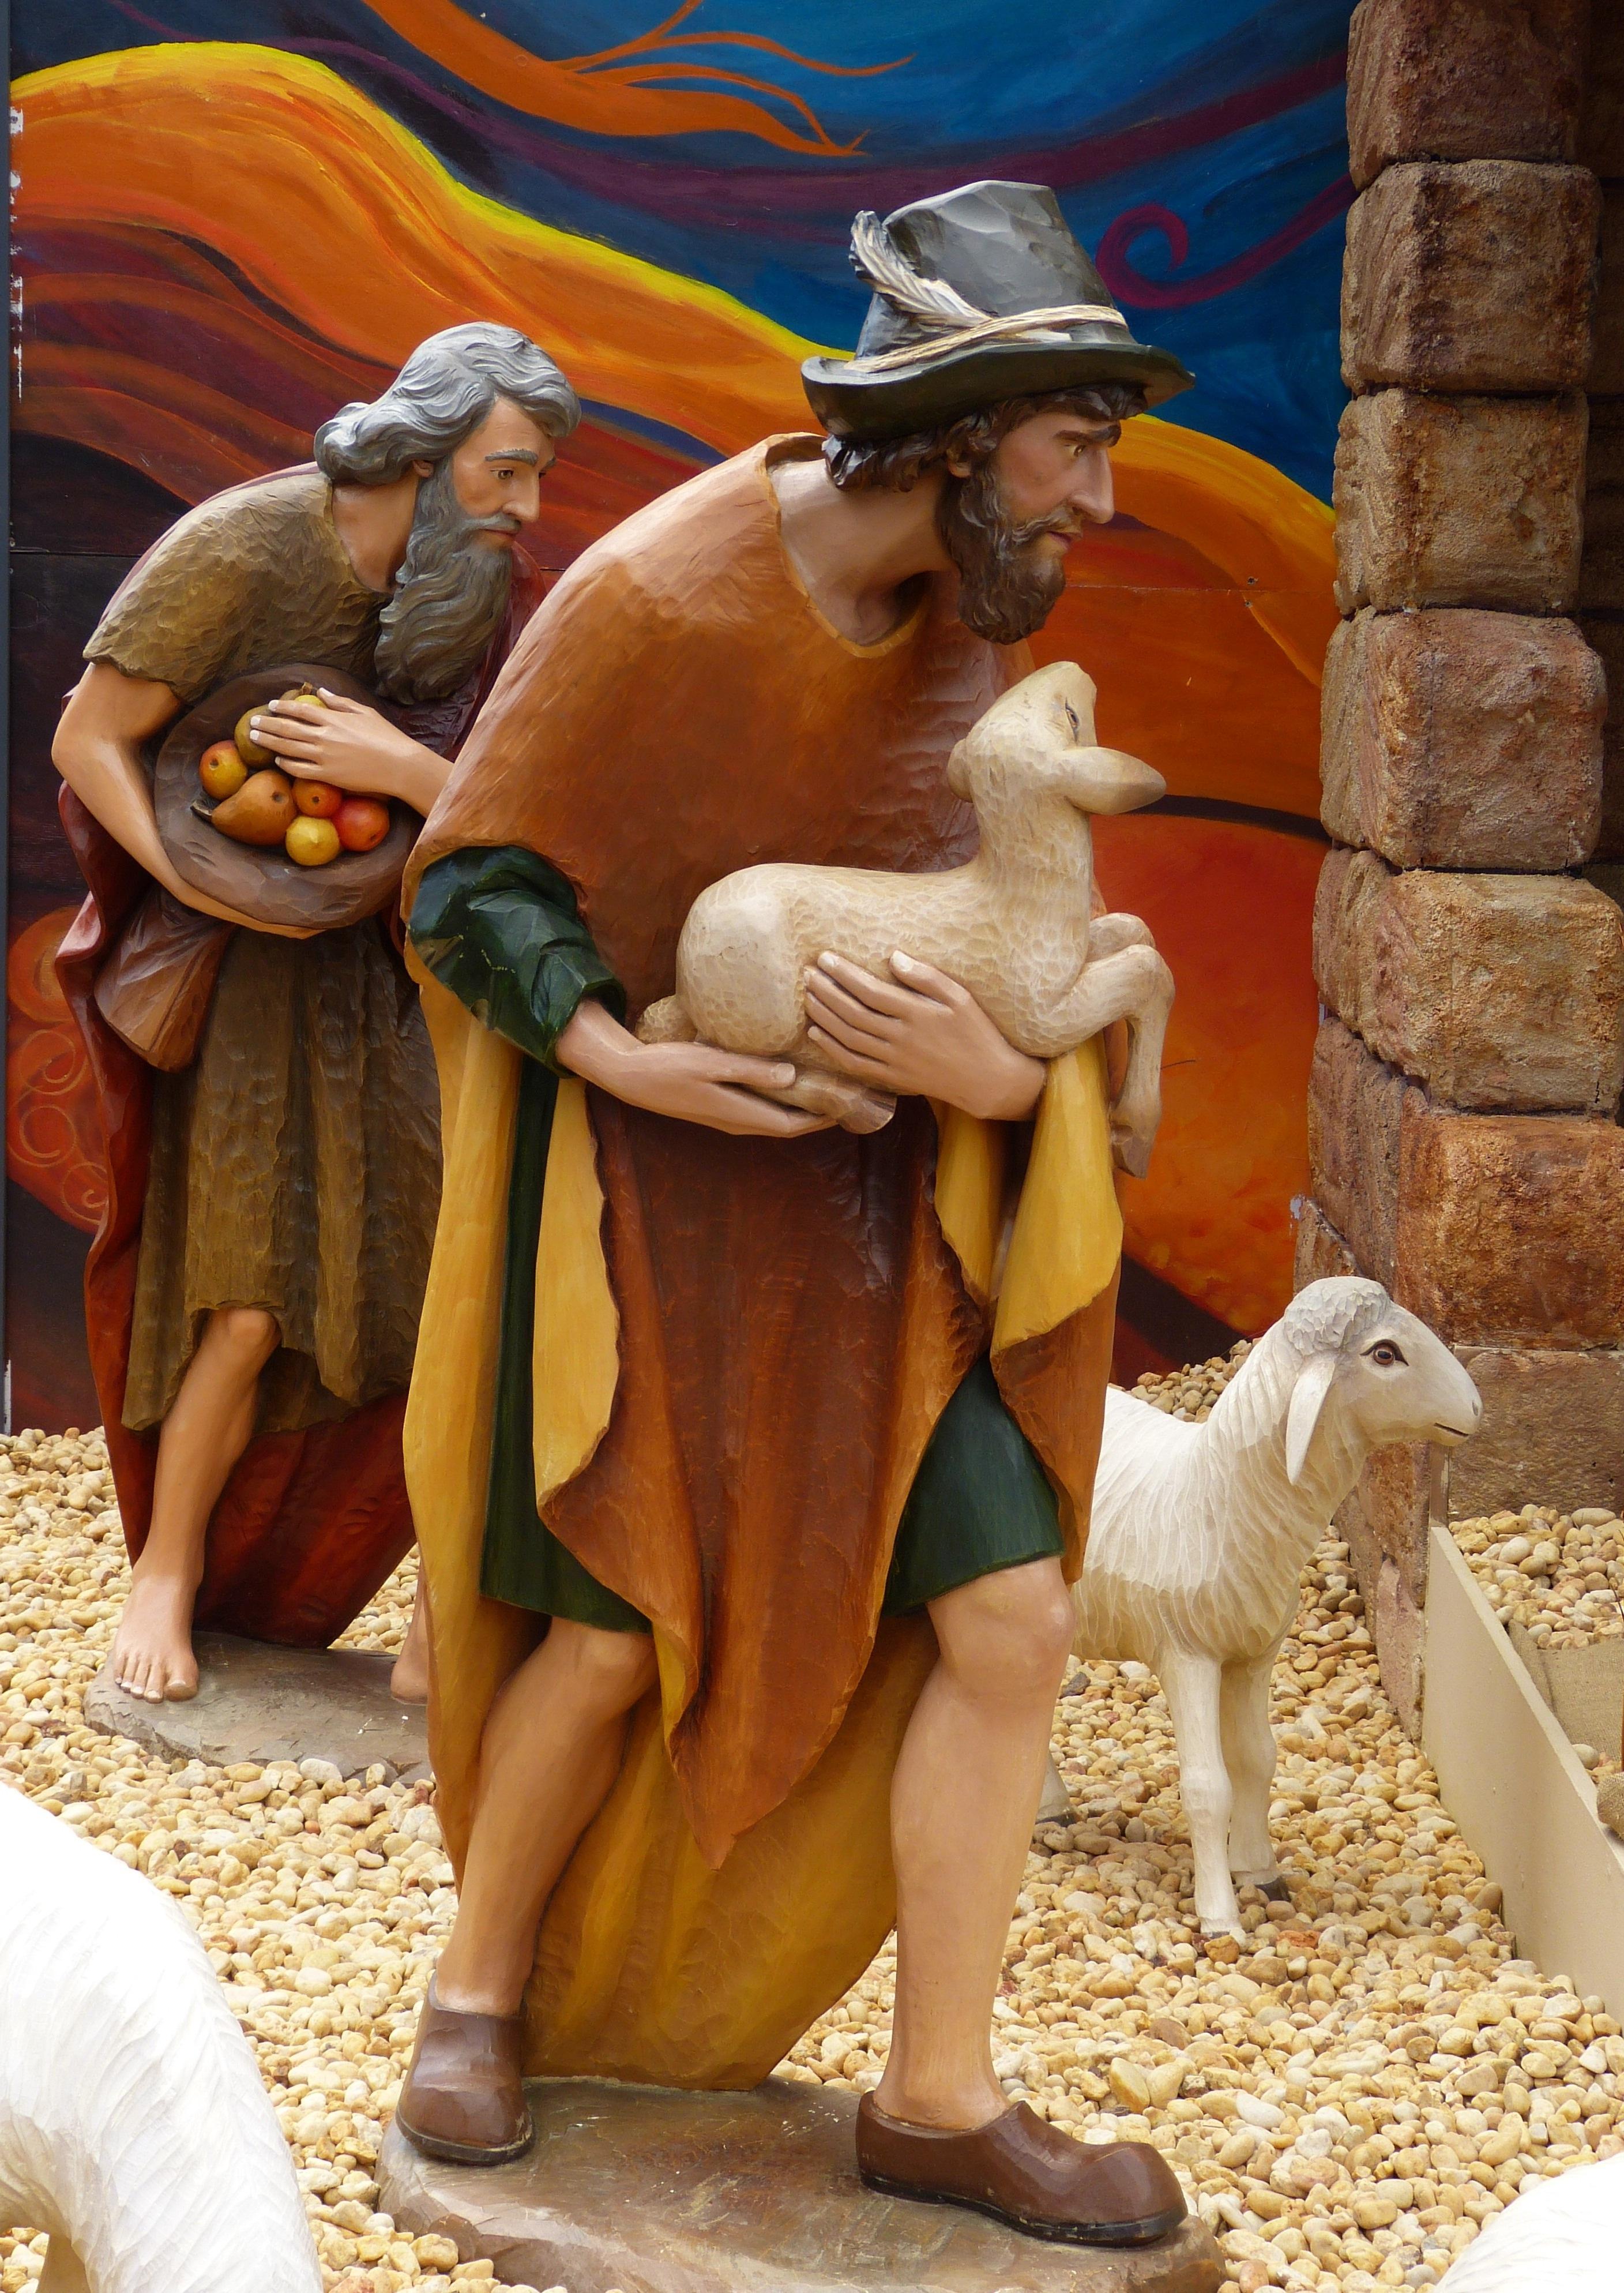 Les Traditions De Noel En Australie images gratuites : monument, statue, sydney, mouton